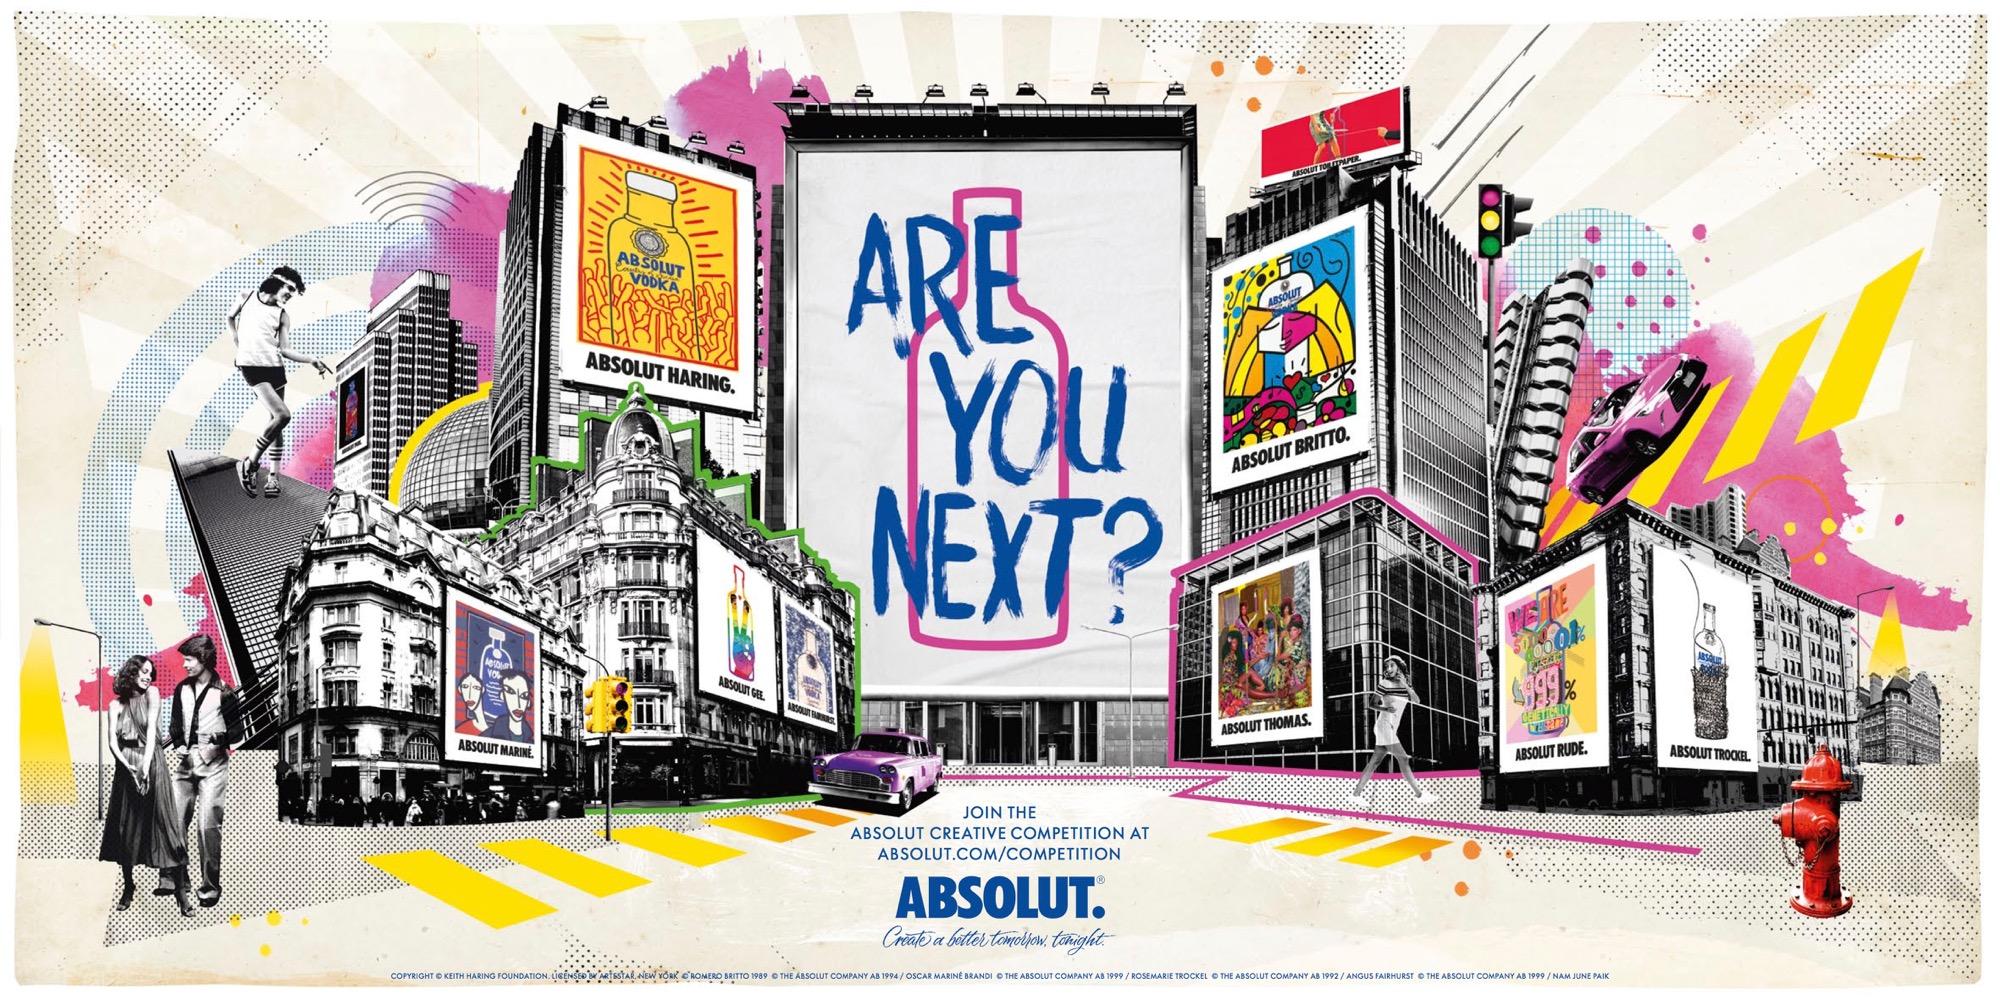 C'è tempo fino al 31 gennaio per partecipare alla Absolut Creative Competition